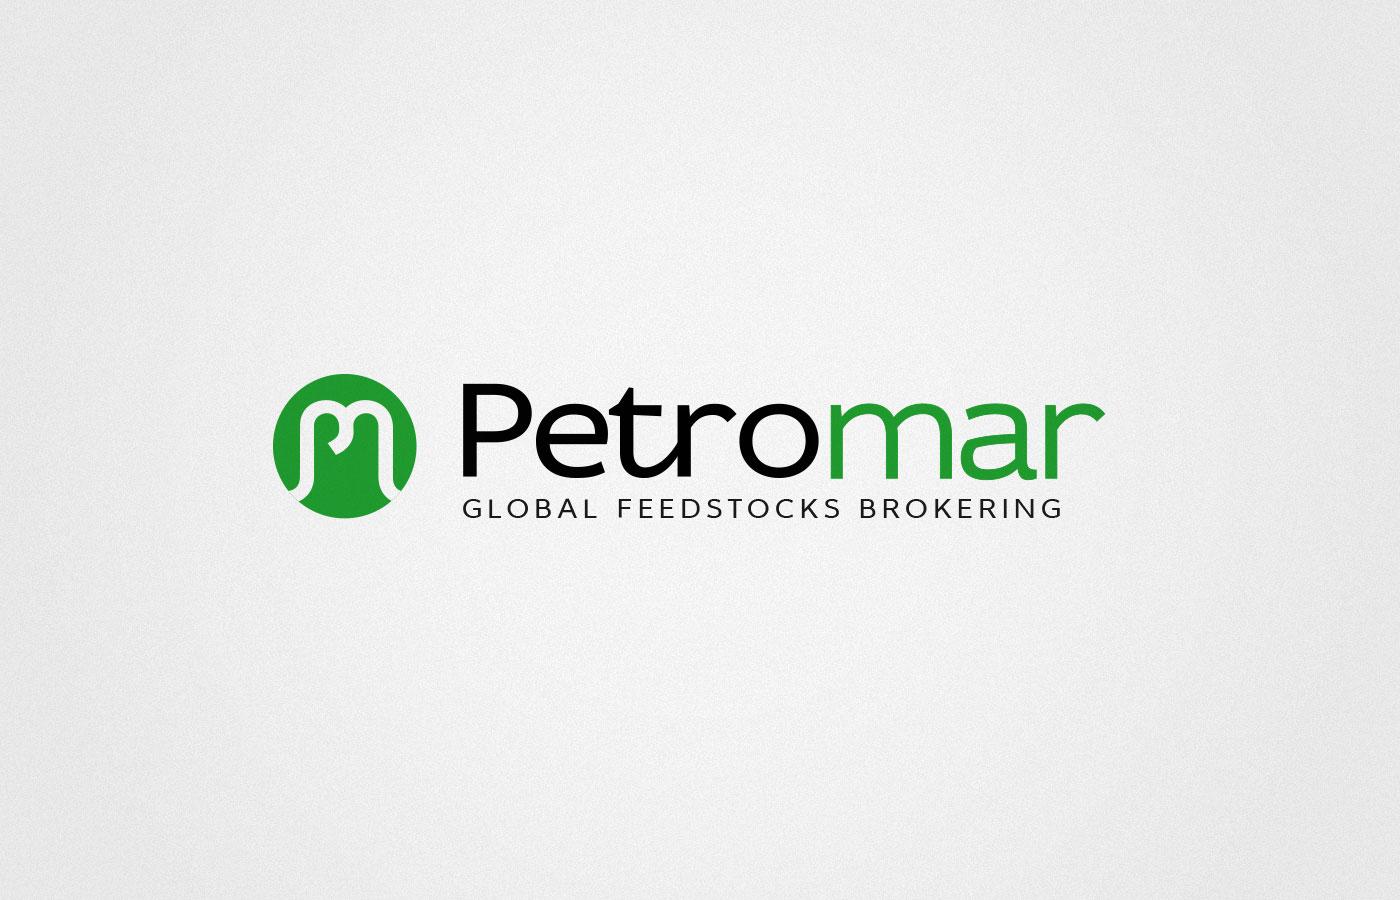 00_petromar